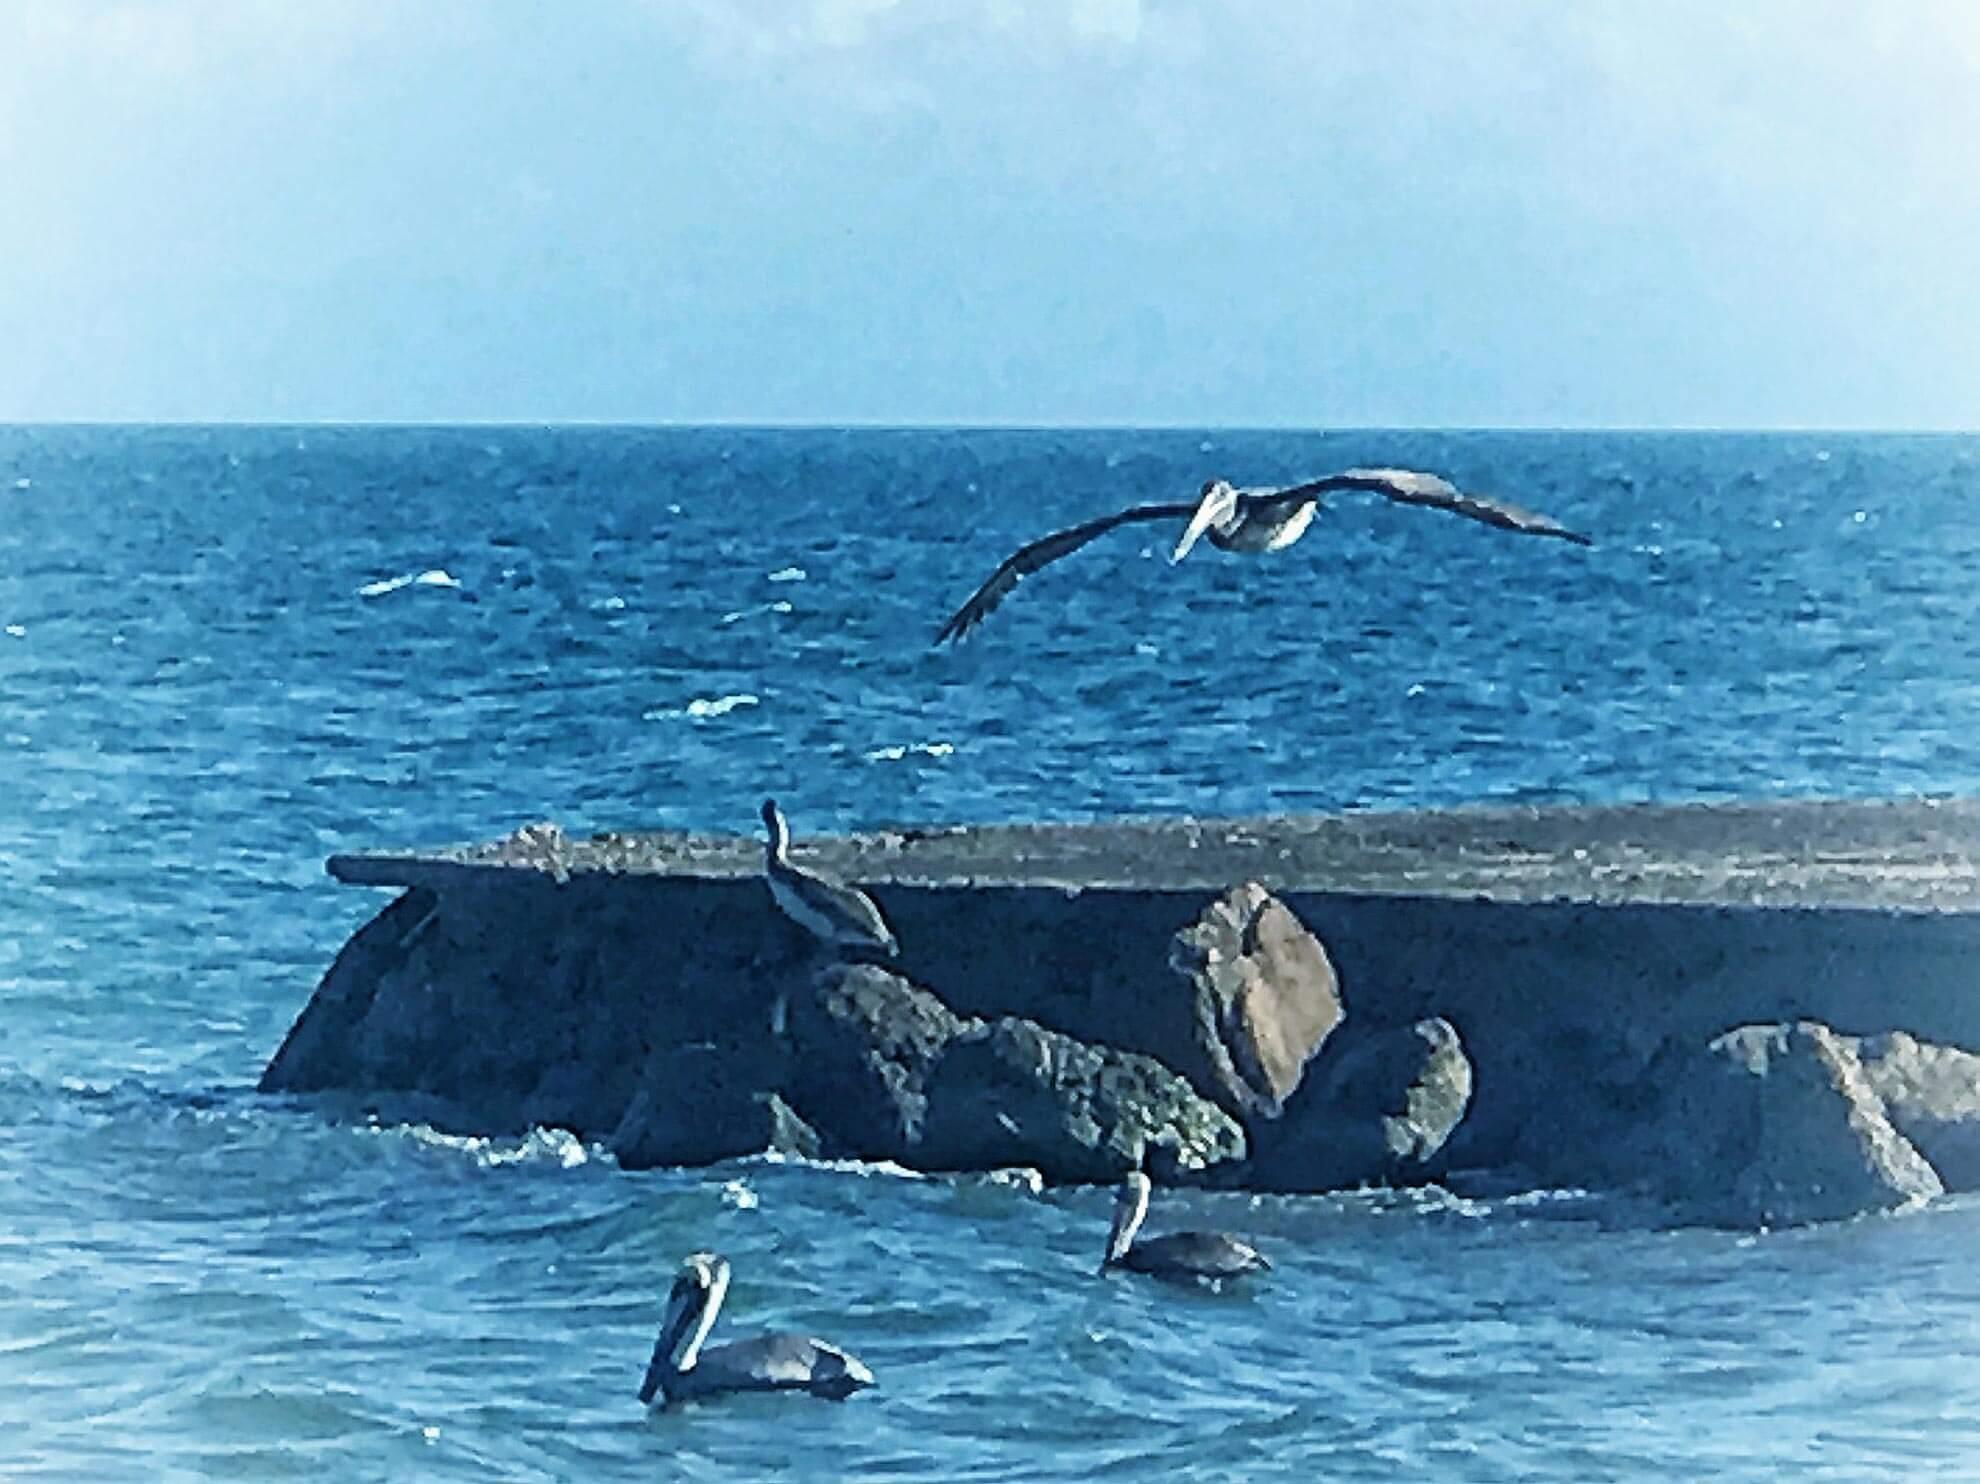 Seagulls off the Coast